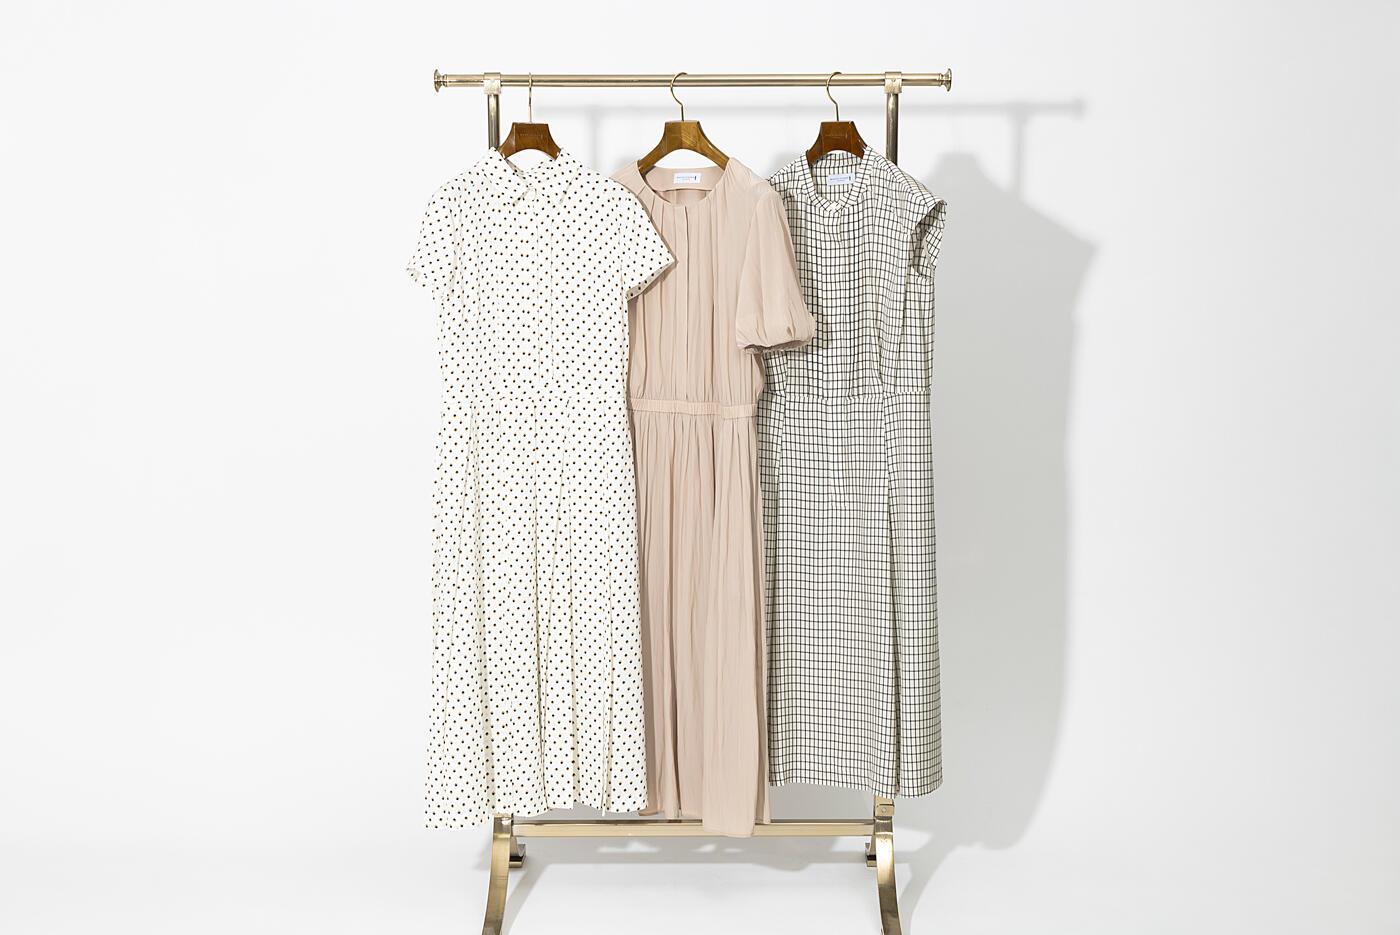 ベージュトーンのドレスをシックに~スタイリスト村山佳世子さんによる自然体の着こなし~